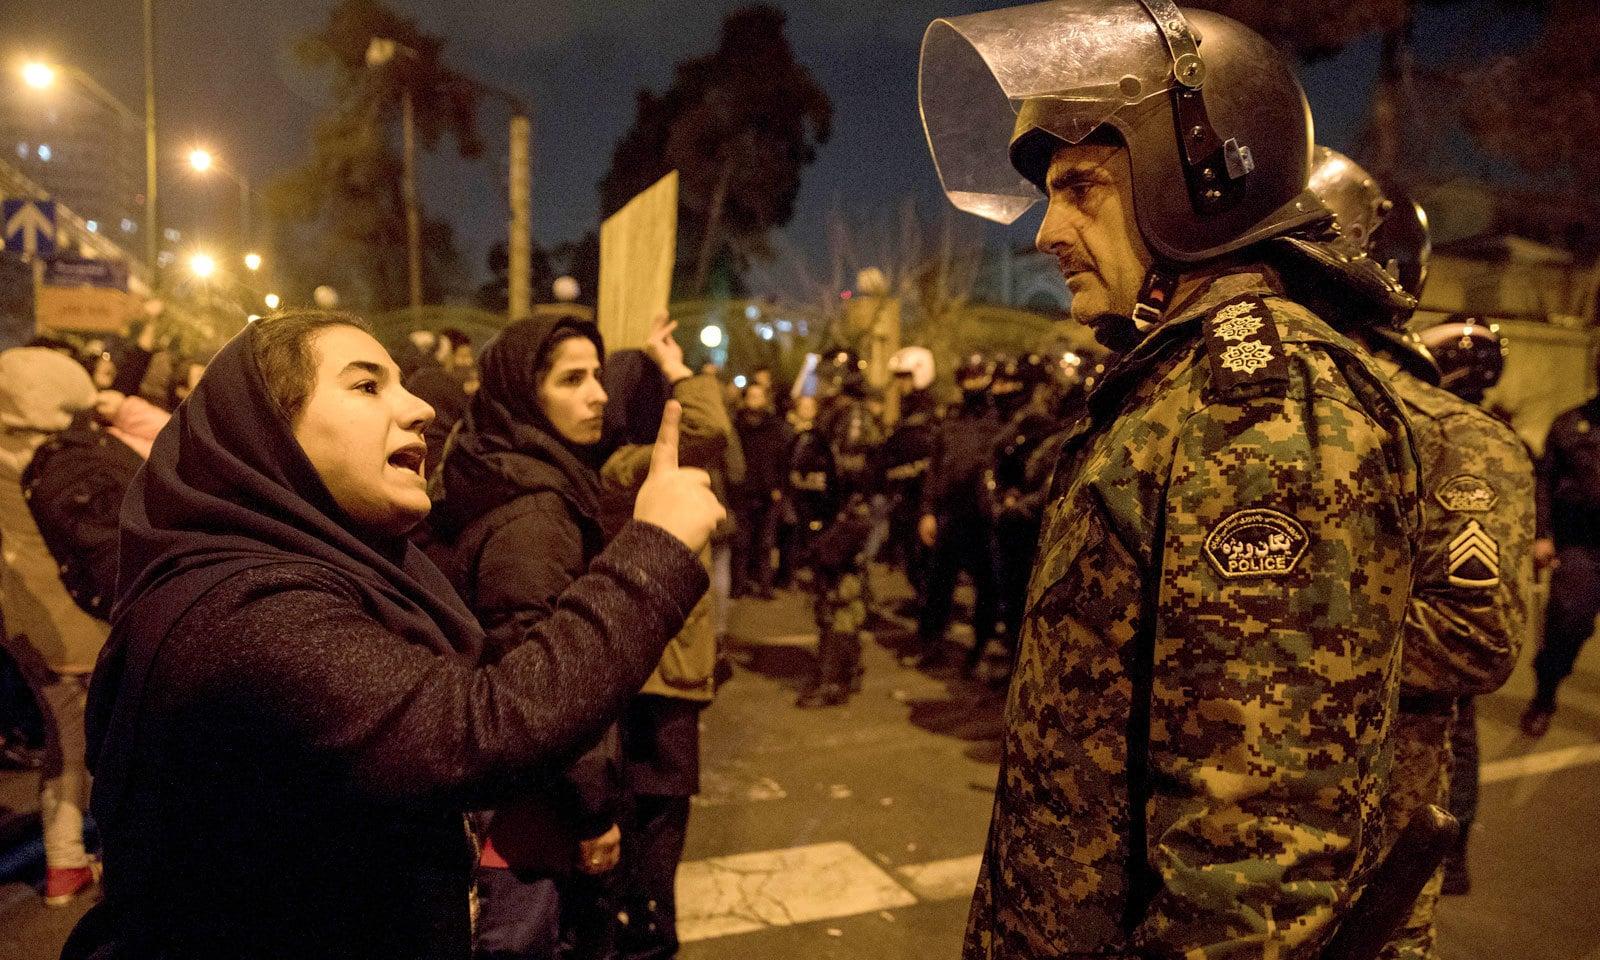 مظاہرے میں شریک ایک خاتون کا ایرانی سیکیورٹی اہلکاروں سے تکرار کا ایک منظر— فوٹو: اے پی